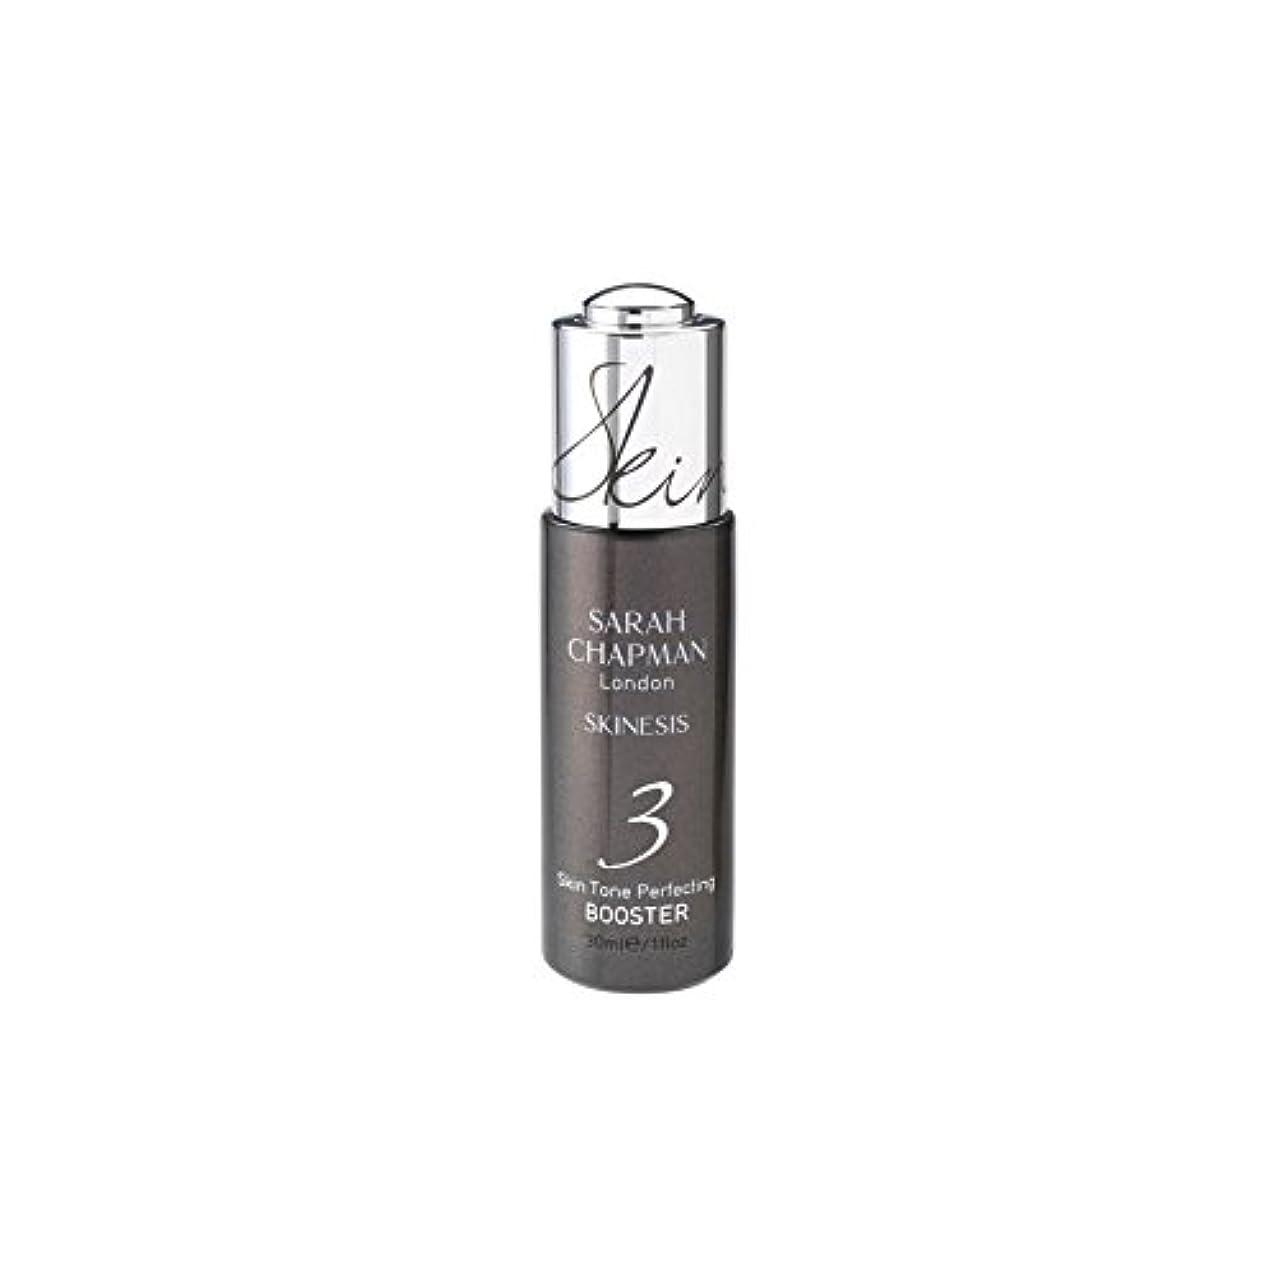 箱ミトン失望Sarah Chapman Skinesis Skin Tone Perfecting Booster (30ml) - サラ?チャップマン肌色完成ブースター(30ミリリットル) [並行輸入品]